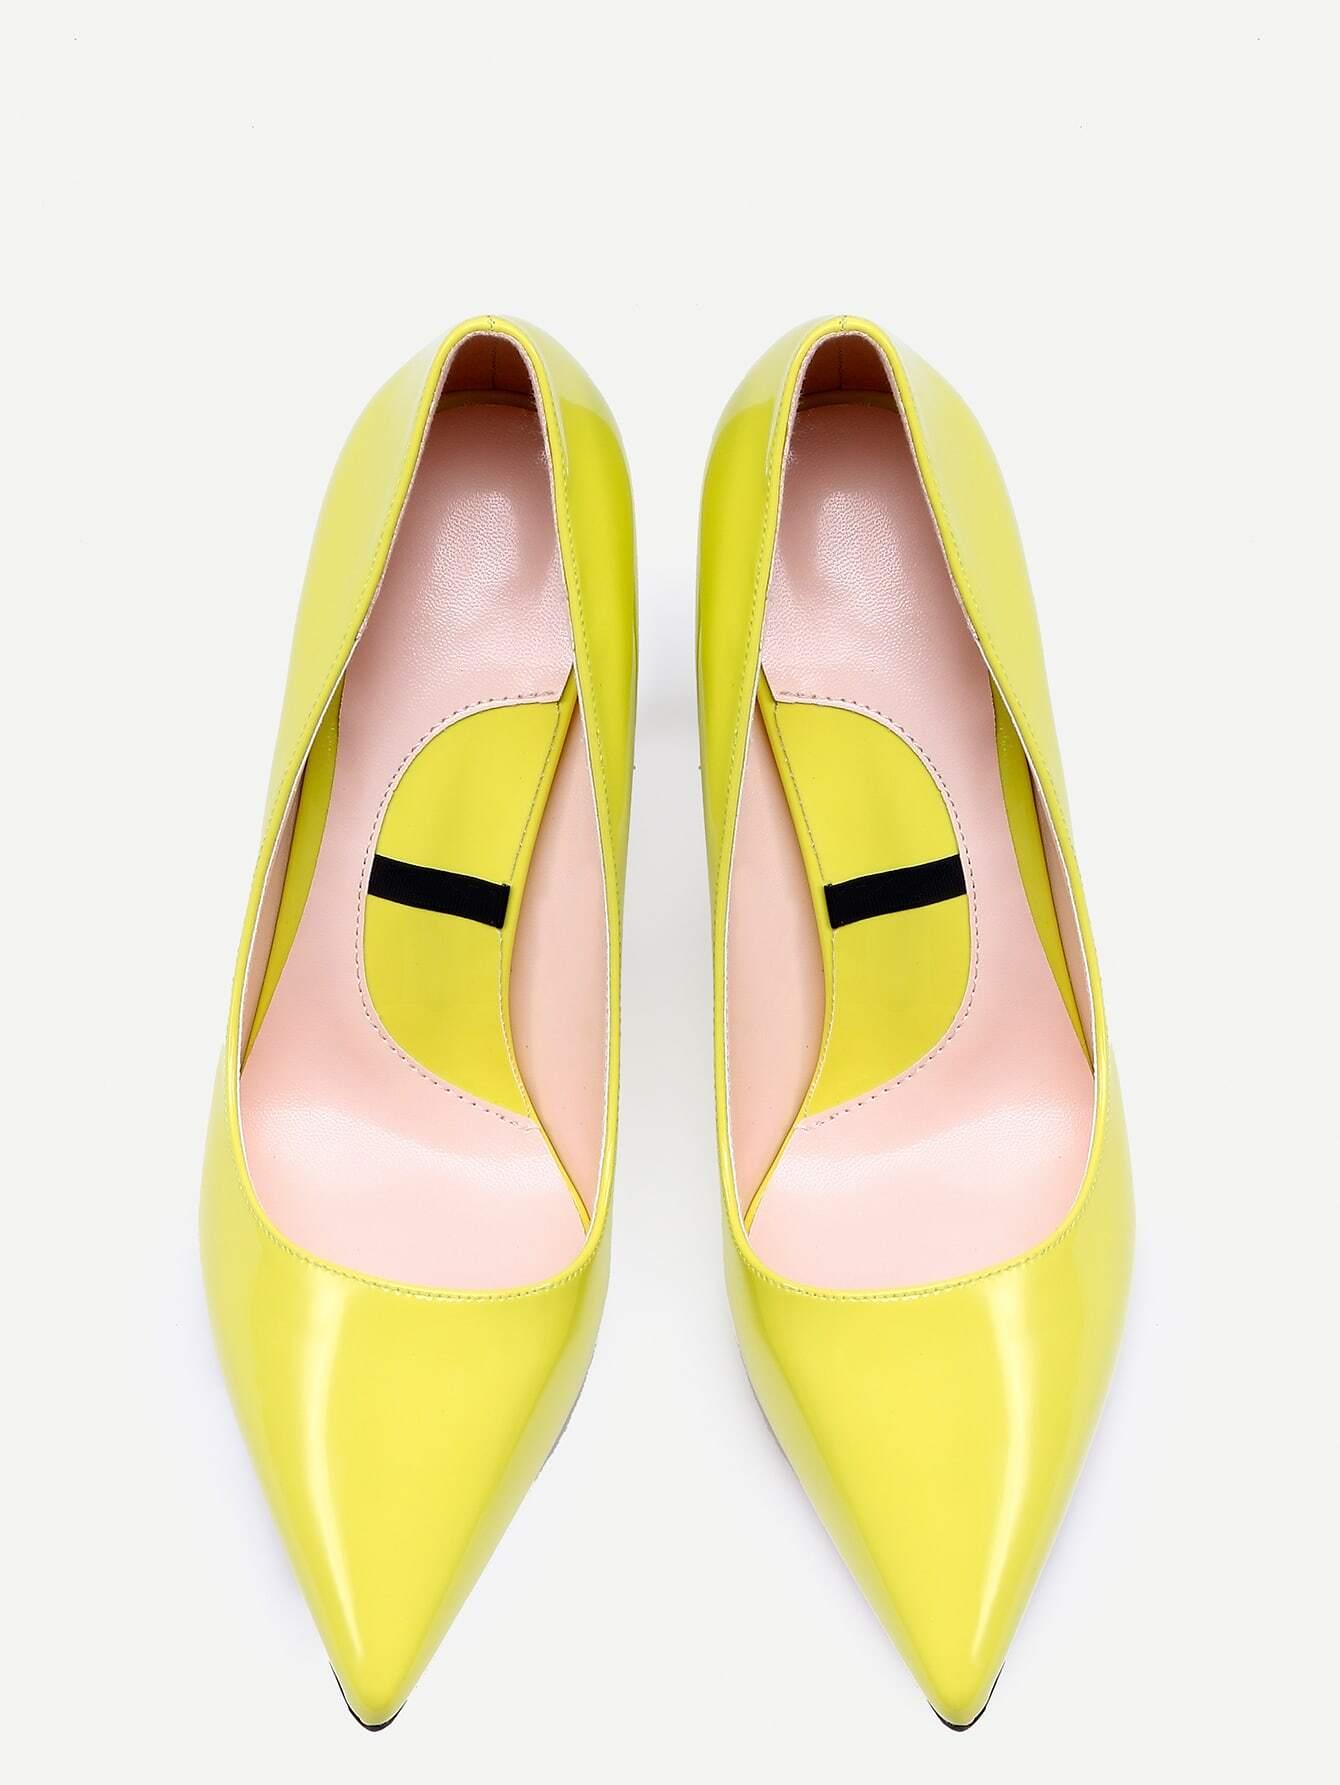 shoes160729820_2